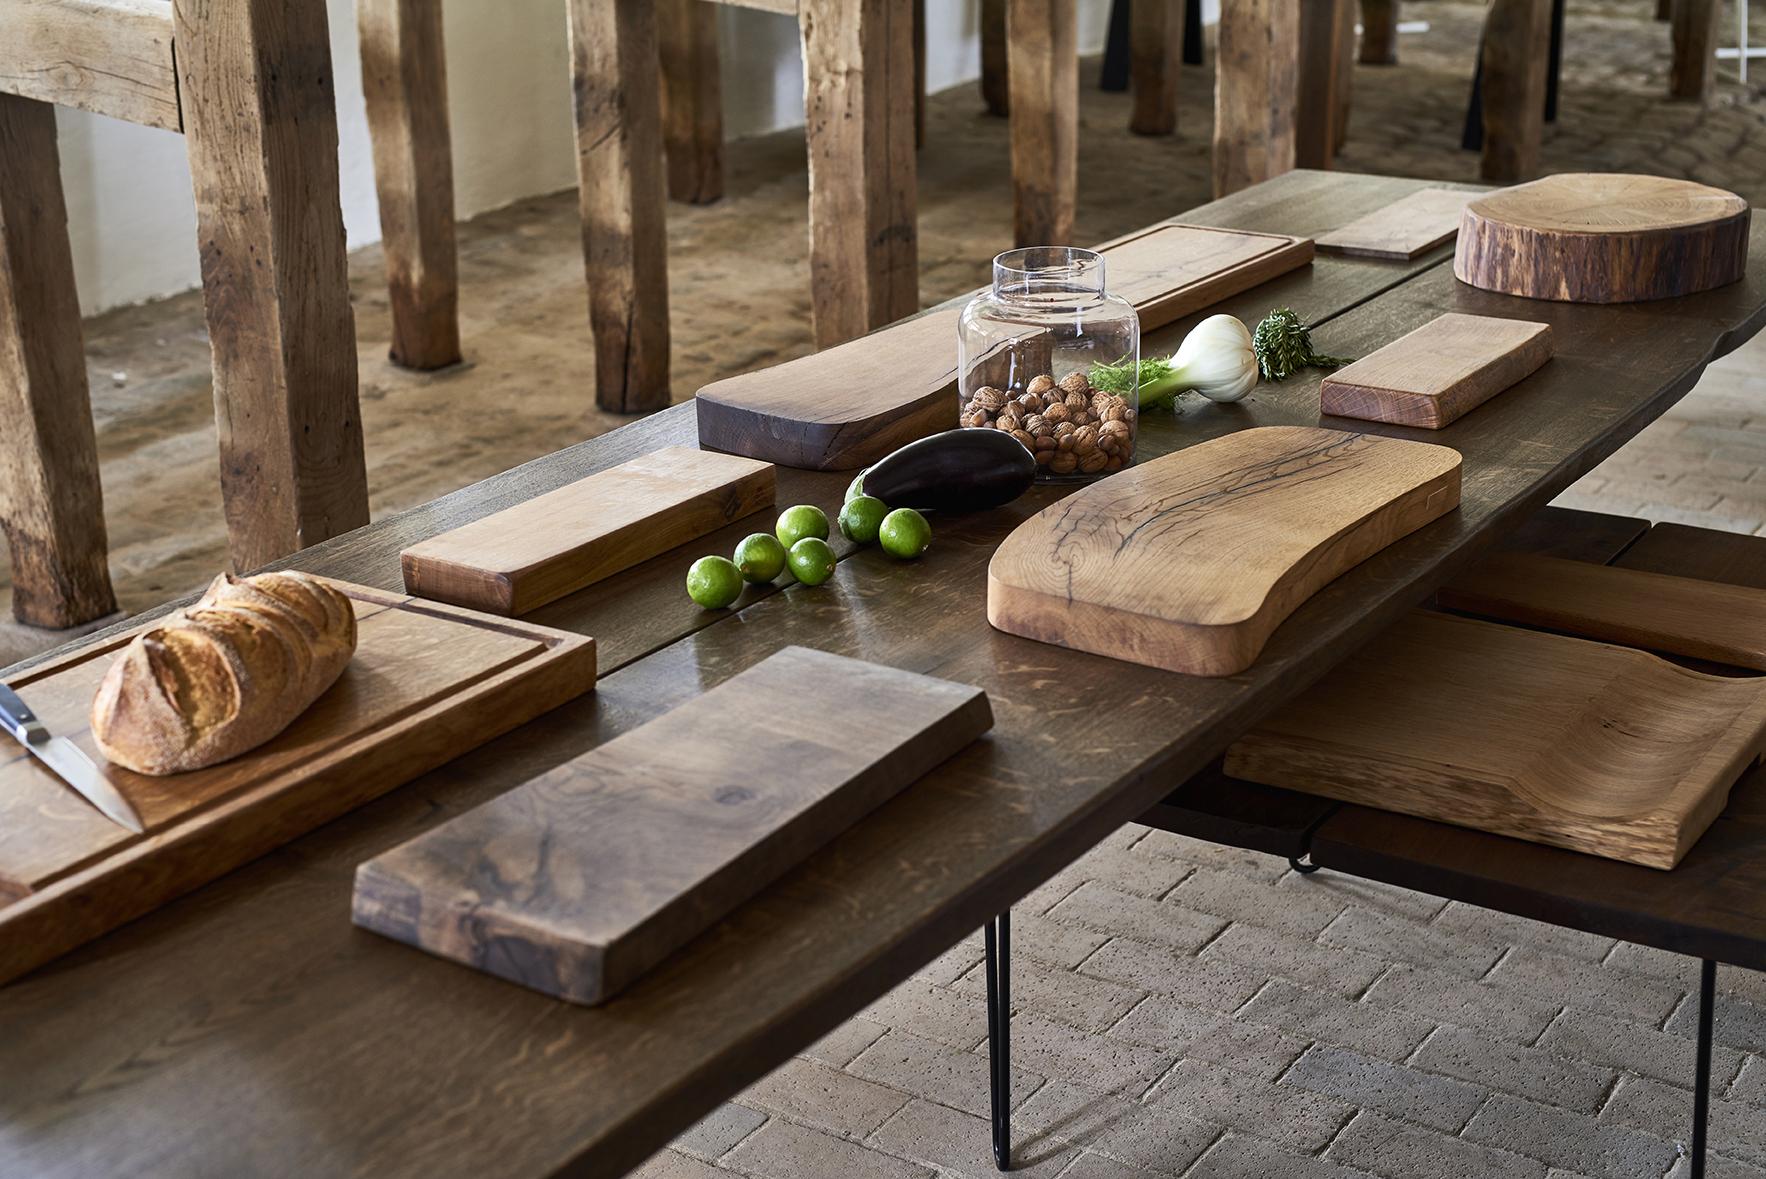 plankebord spaekbraet og udstyr